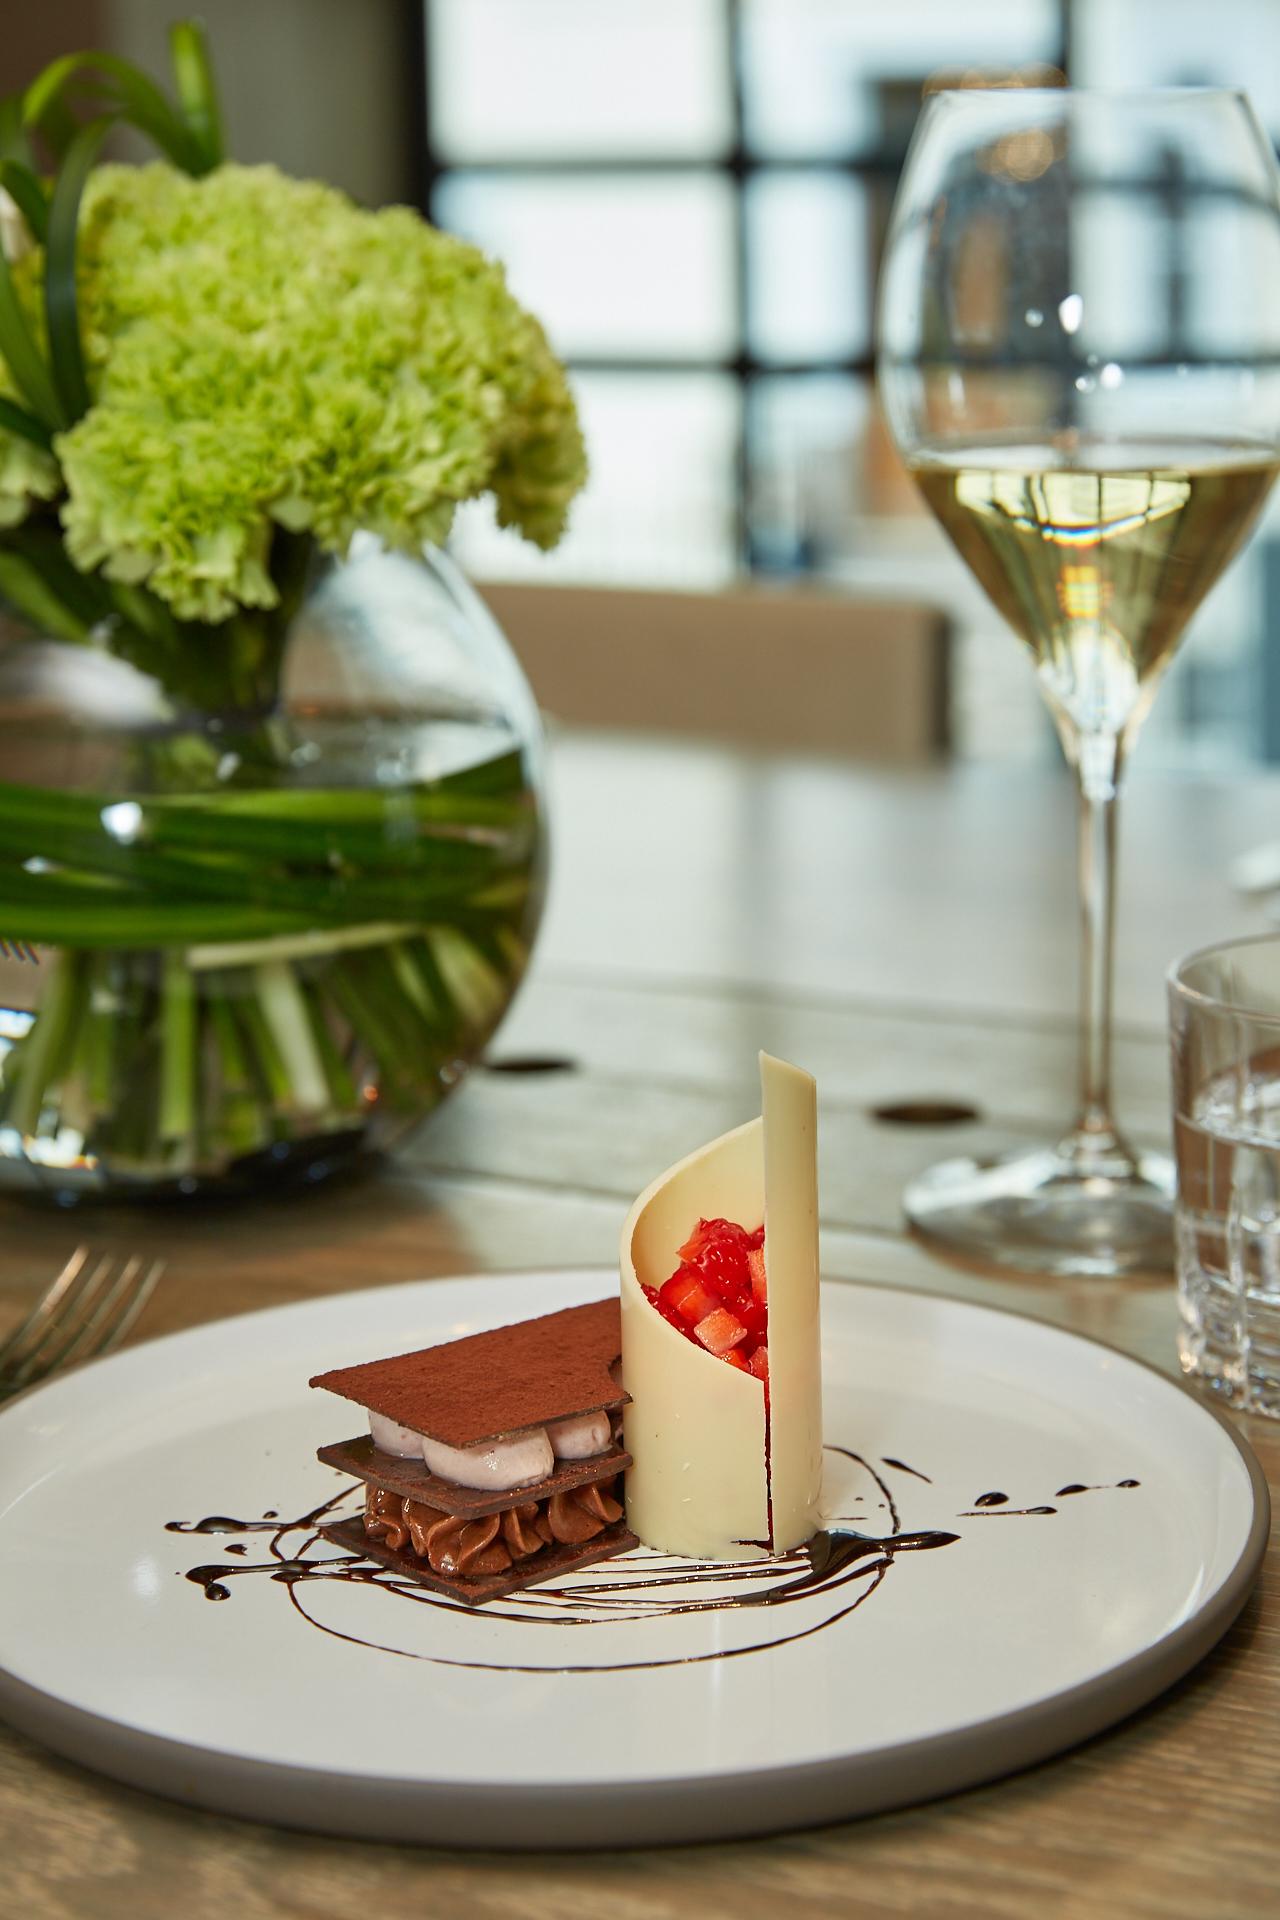 Hari dessert and wine